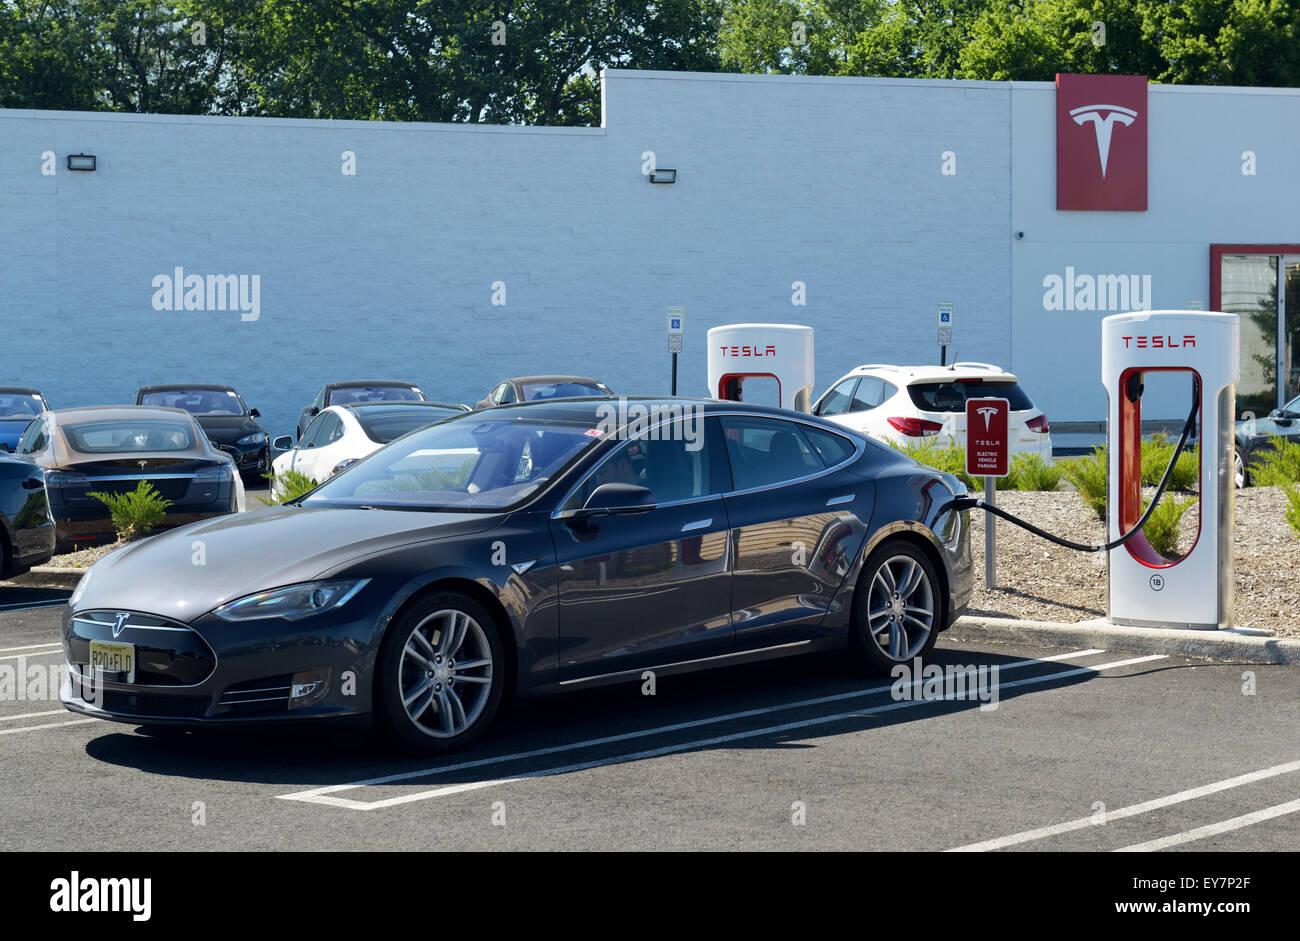 Auto elettrica stazione di ricarica con una berlina Tesla collegato. Tesla concessionaria, Paramus, NJ Foto Stock